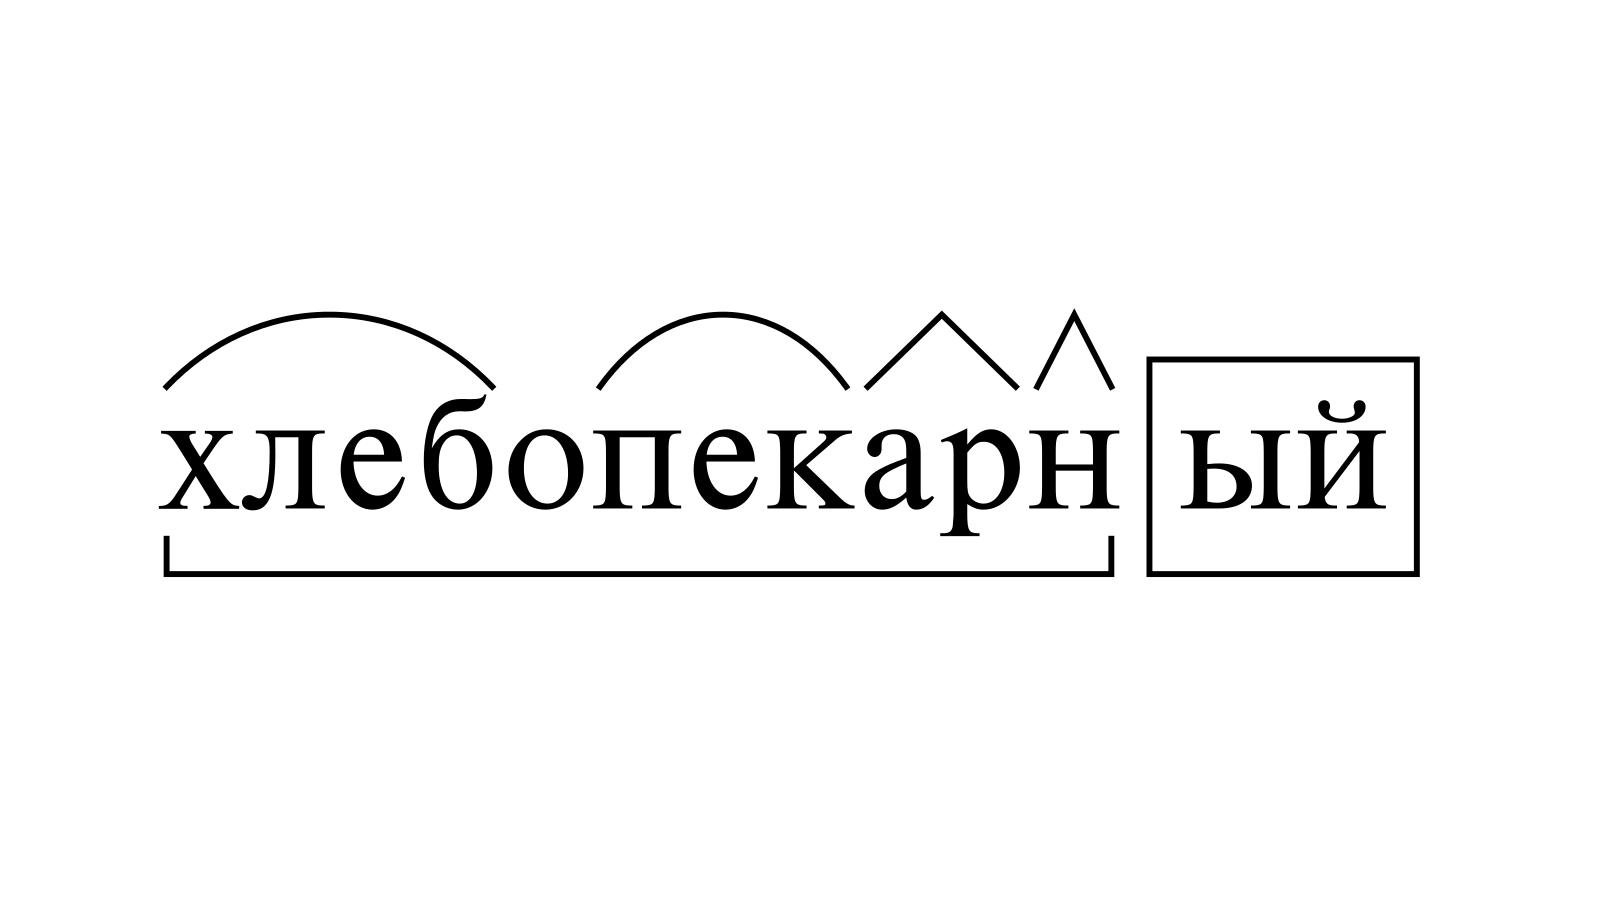 Разбор слова «хлебопекарный» по составу